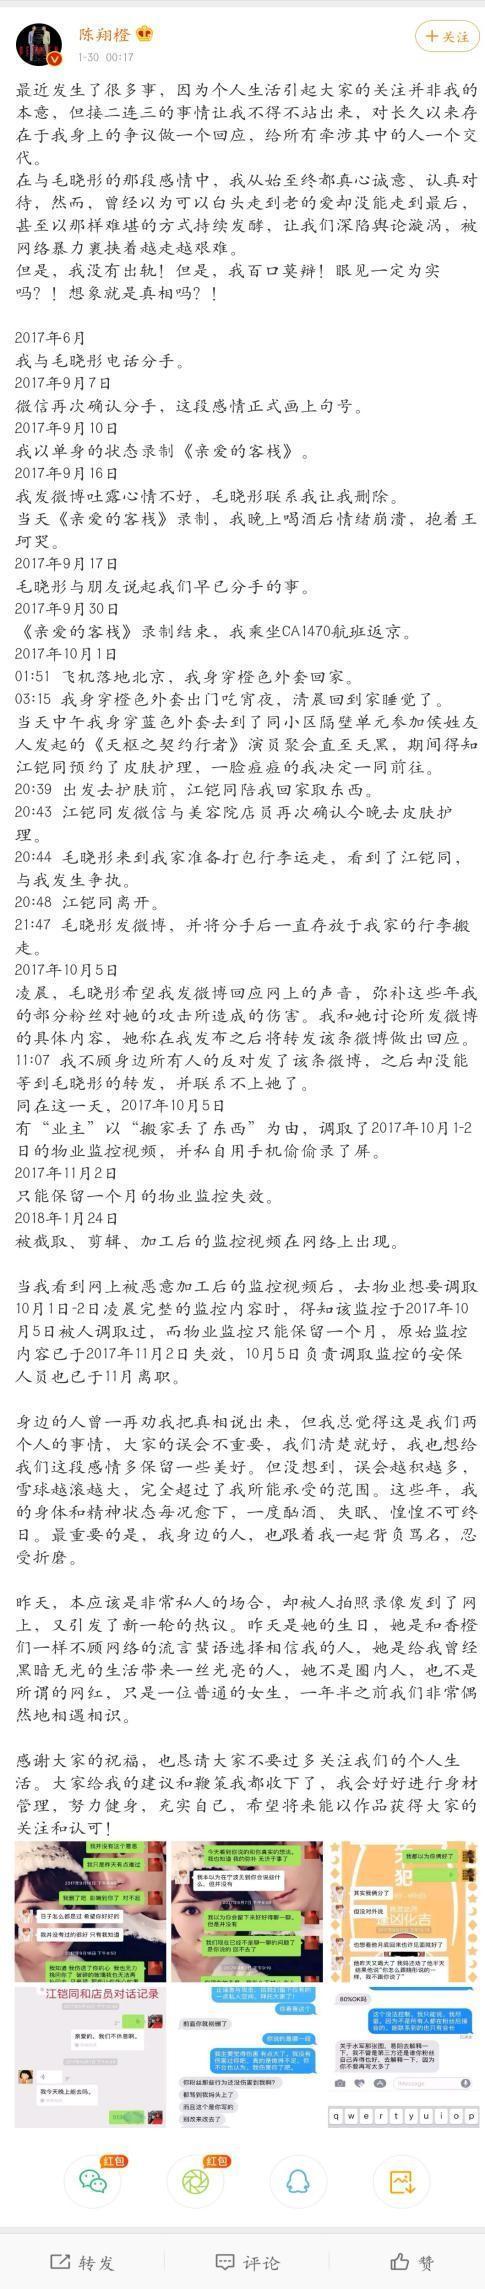 陈翔否认当年与毛晓彤交往时出轨江铠同,并曝